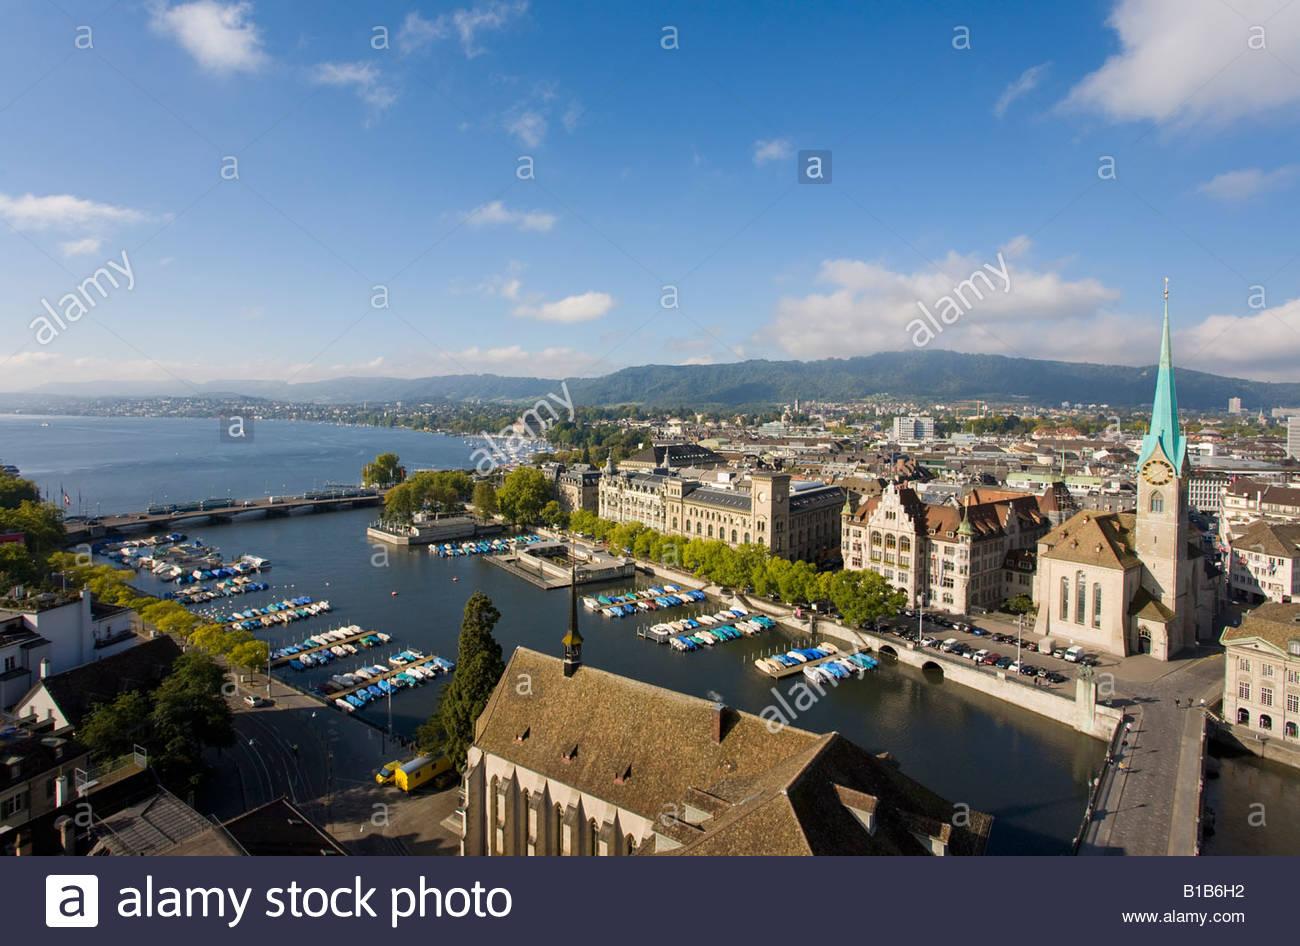 Switzerland, Zurich, Citiscape, Grossmünster and lake Zurich - Stock Image